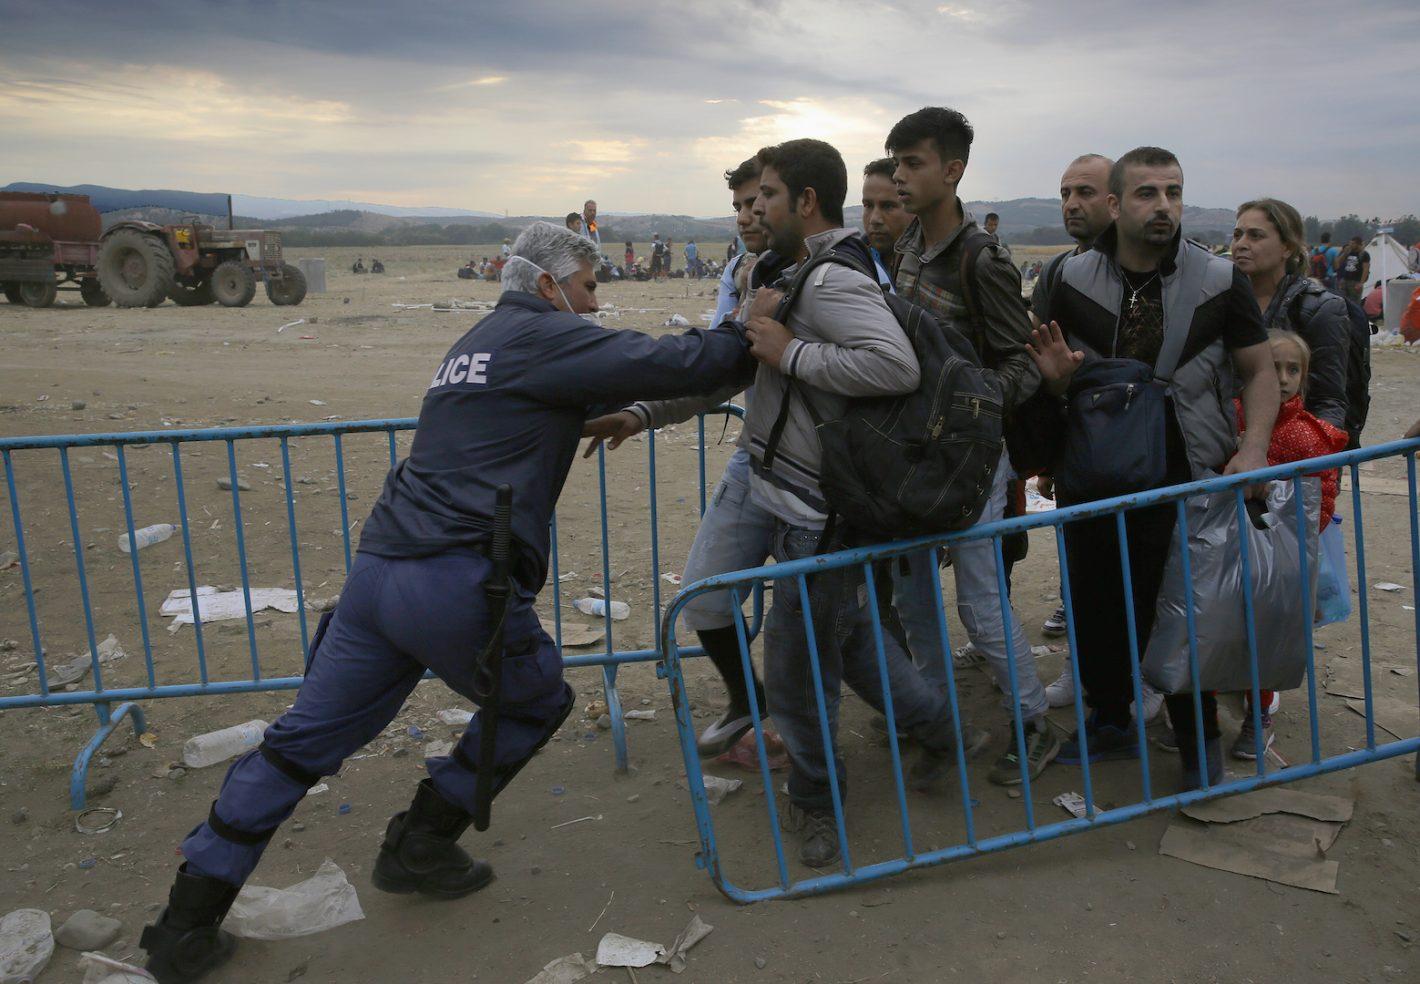 Un policier grec repousse des réfugiés derrière une barrière - Frontière gréco-macédonienne / village d'Idomeni. Des milliers de réfugiés et de migrants attendent pour traverser la frontière. 9 septembre 2015 - REUTERS/Yannis Behrakis